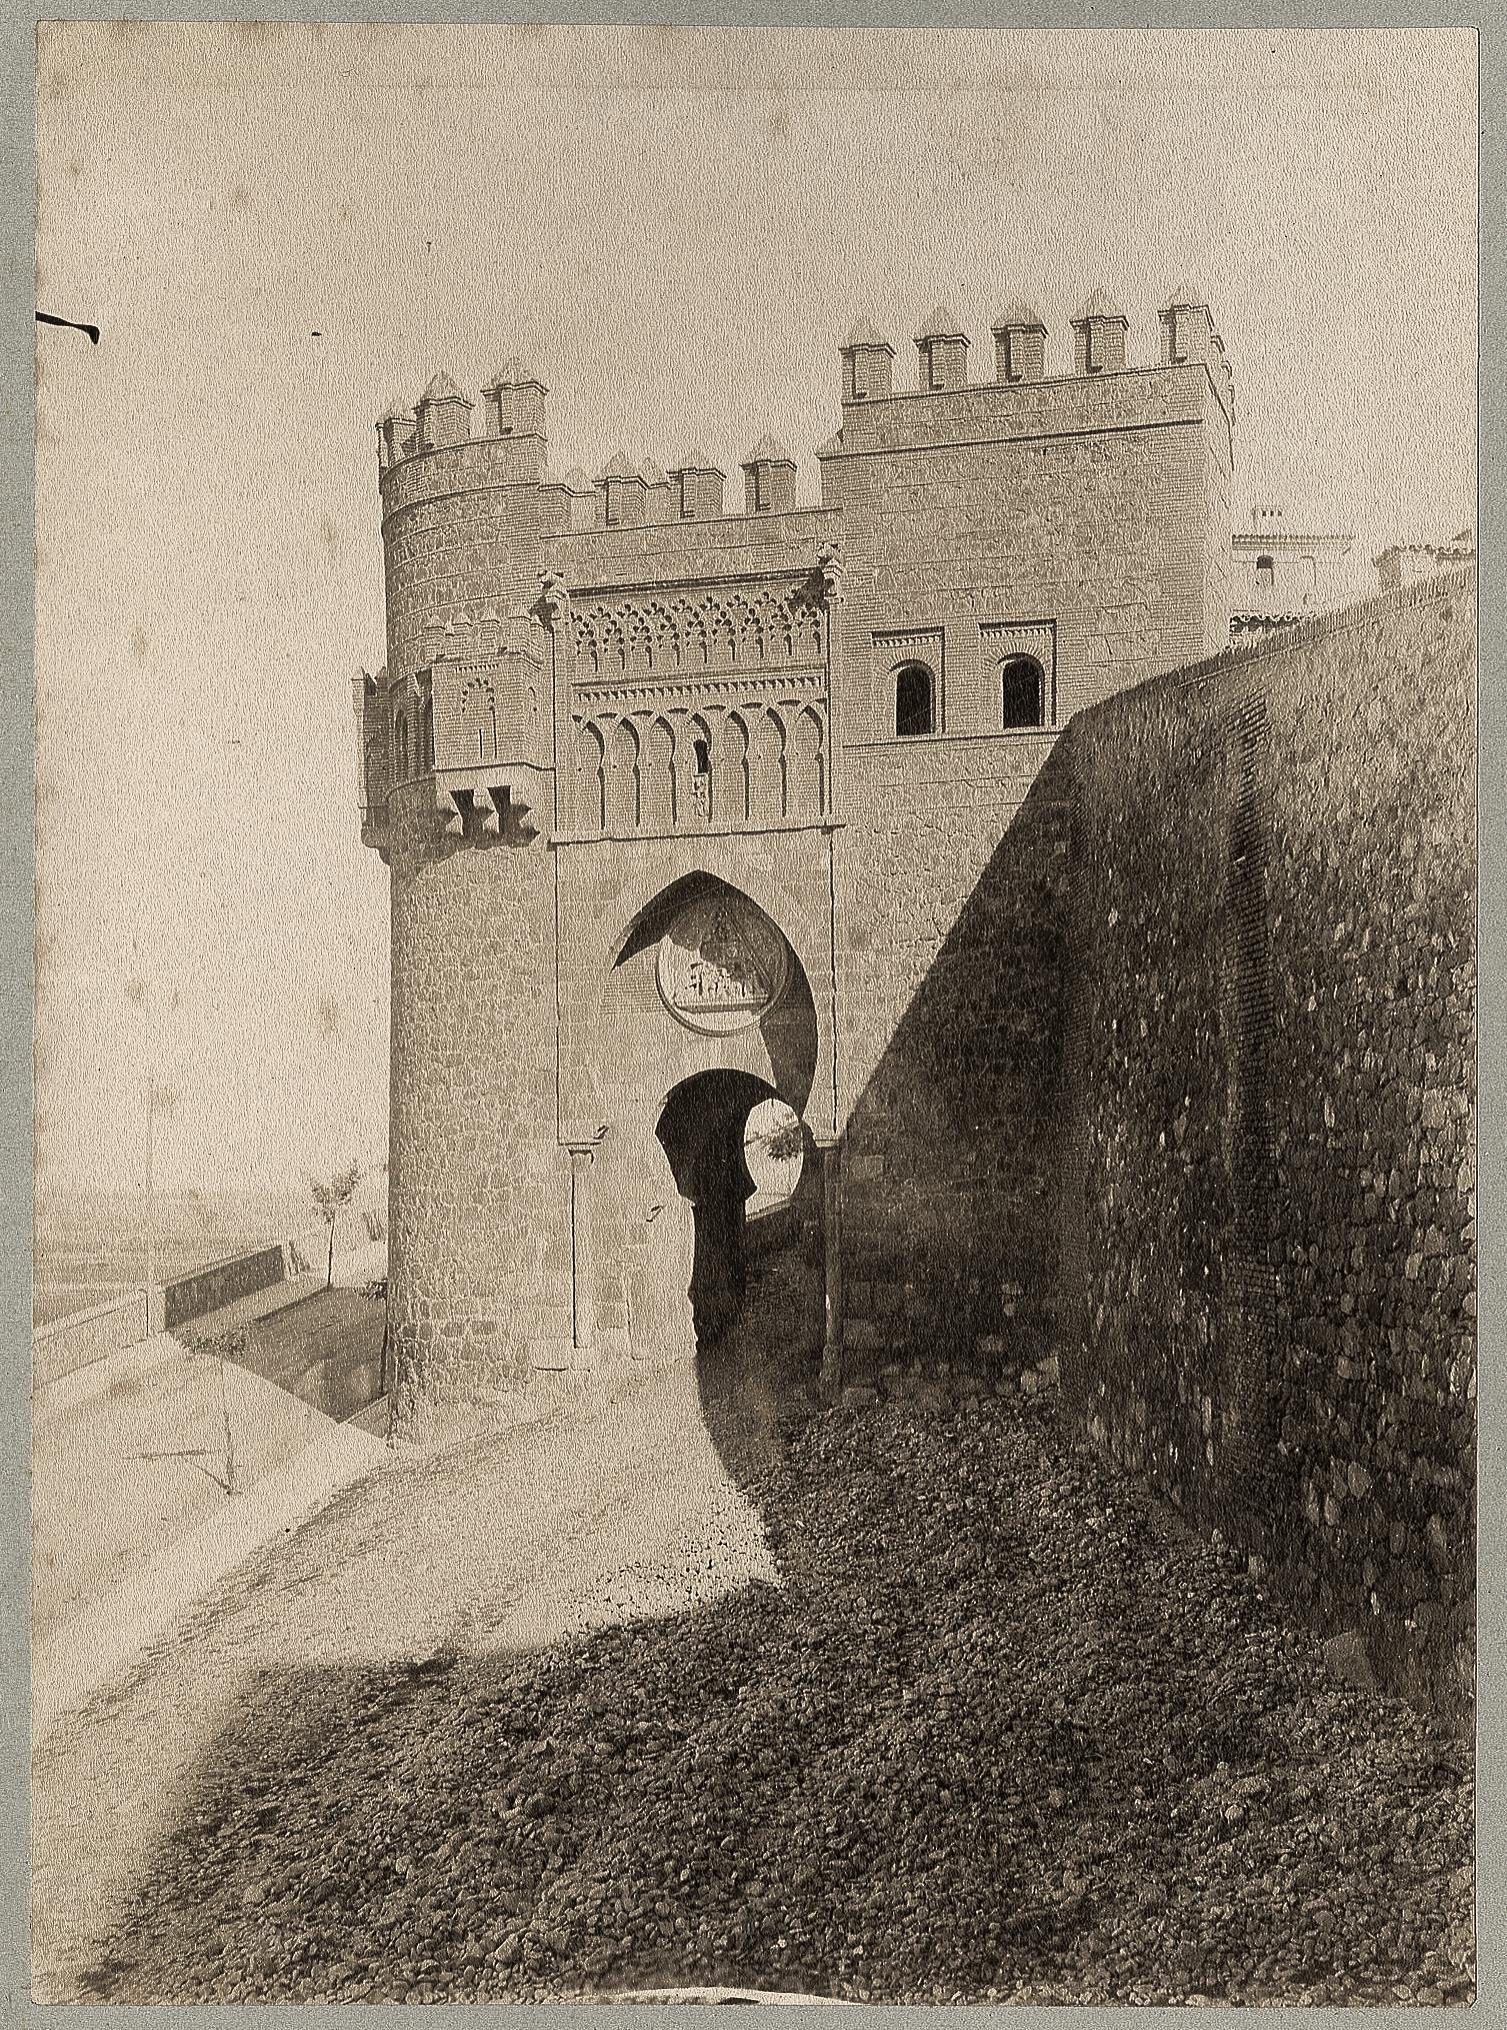 Puerta del Sol en 1886 © Archives départementales de l'Aude